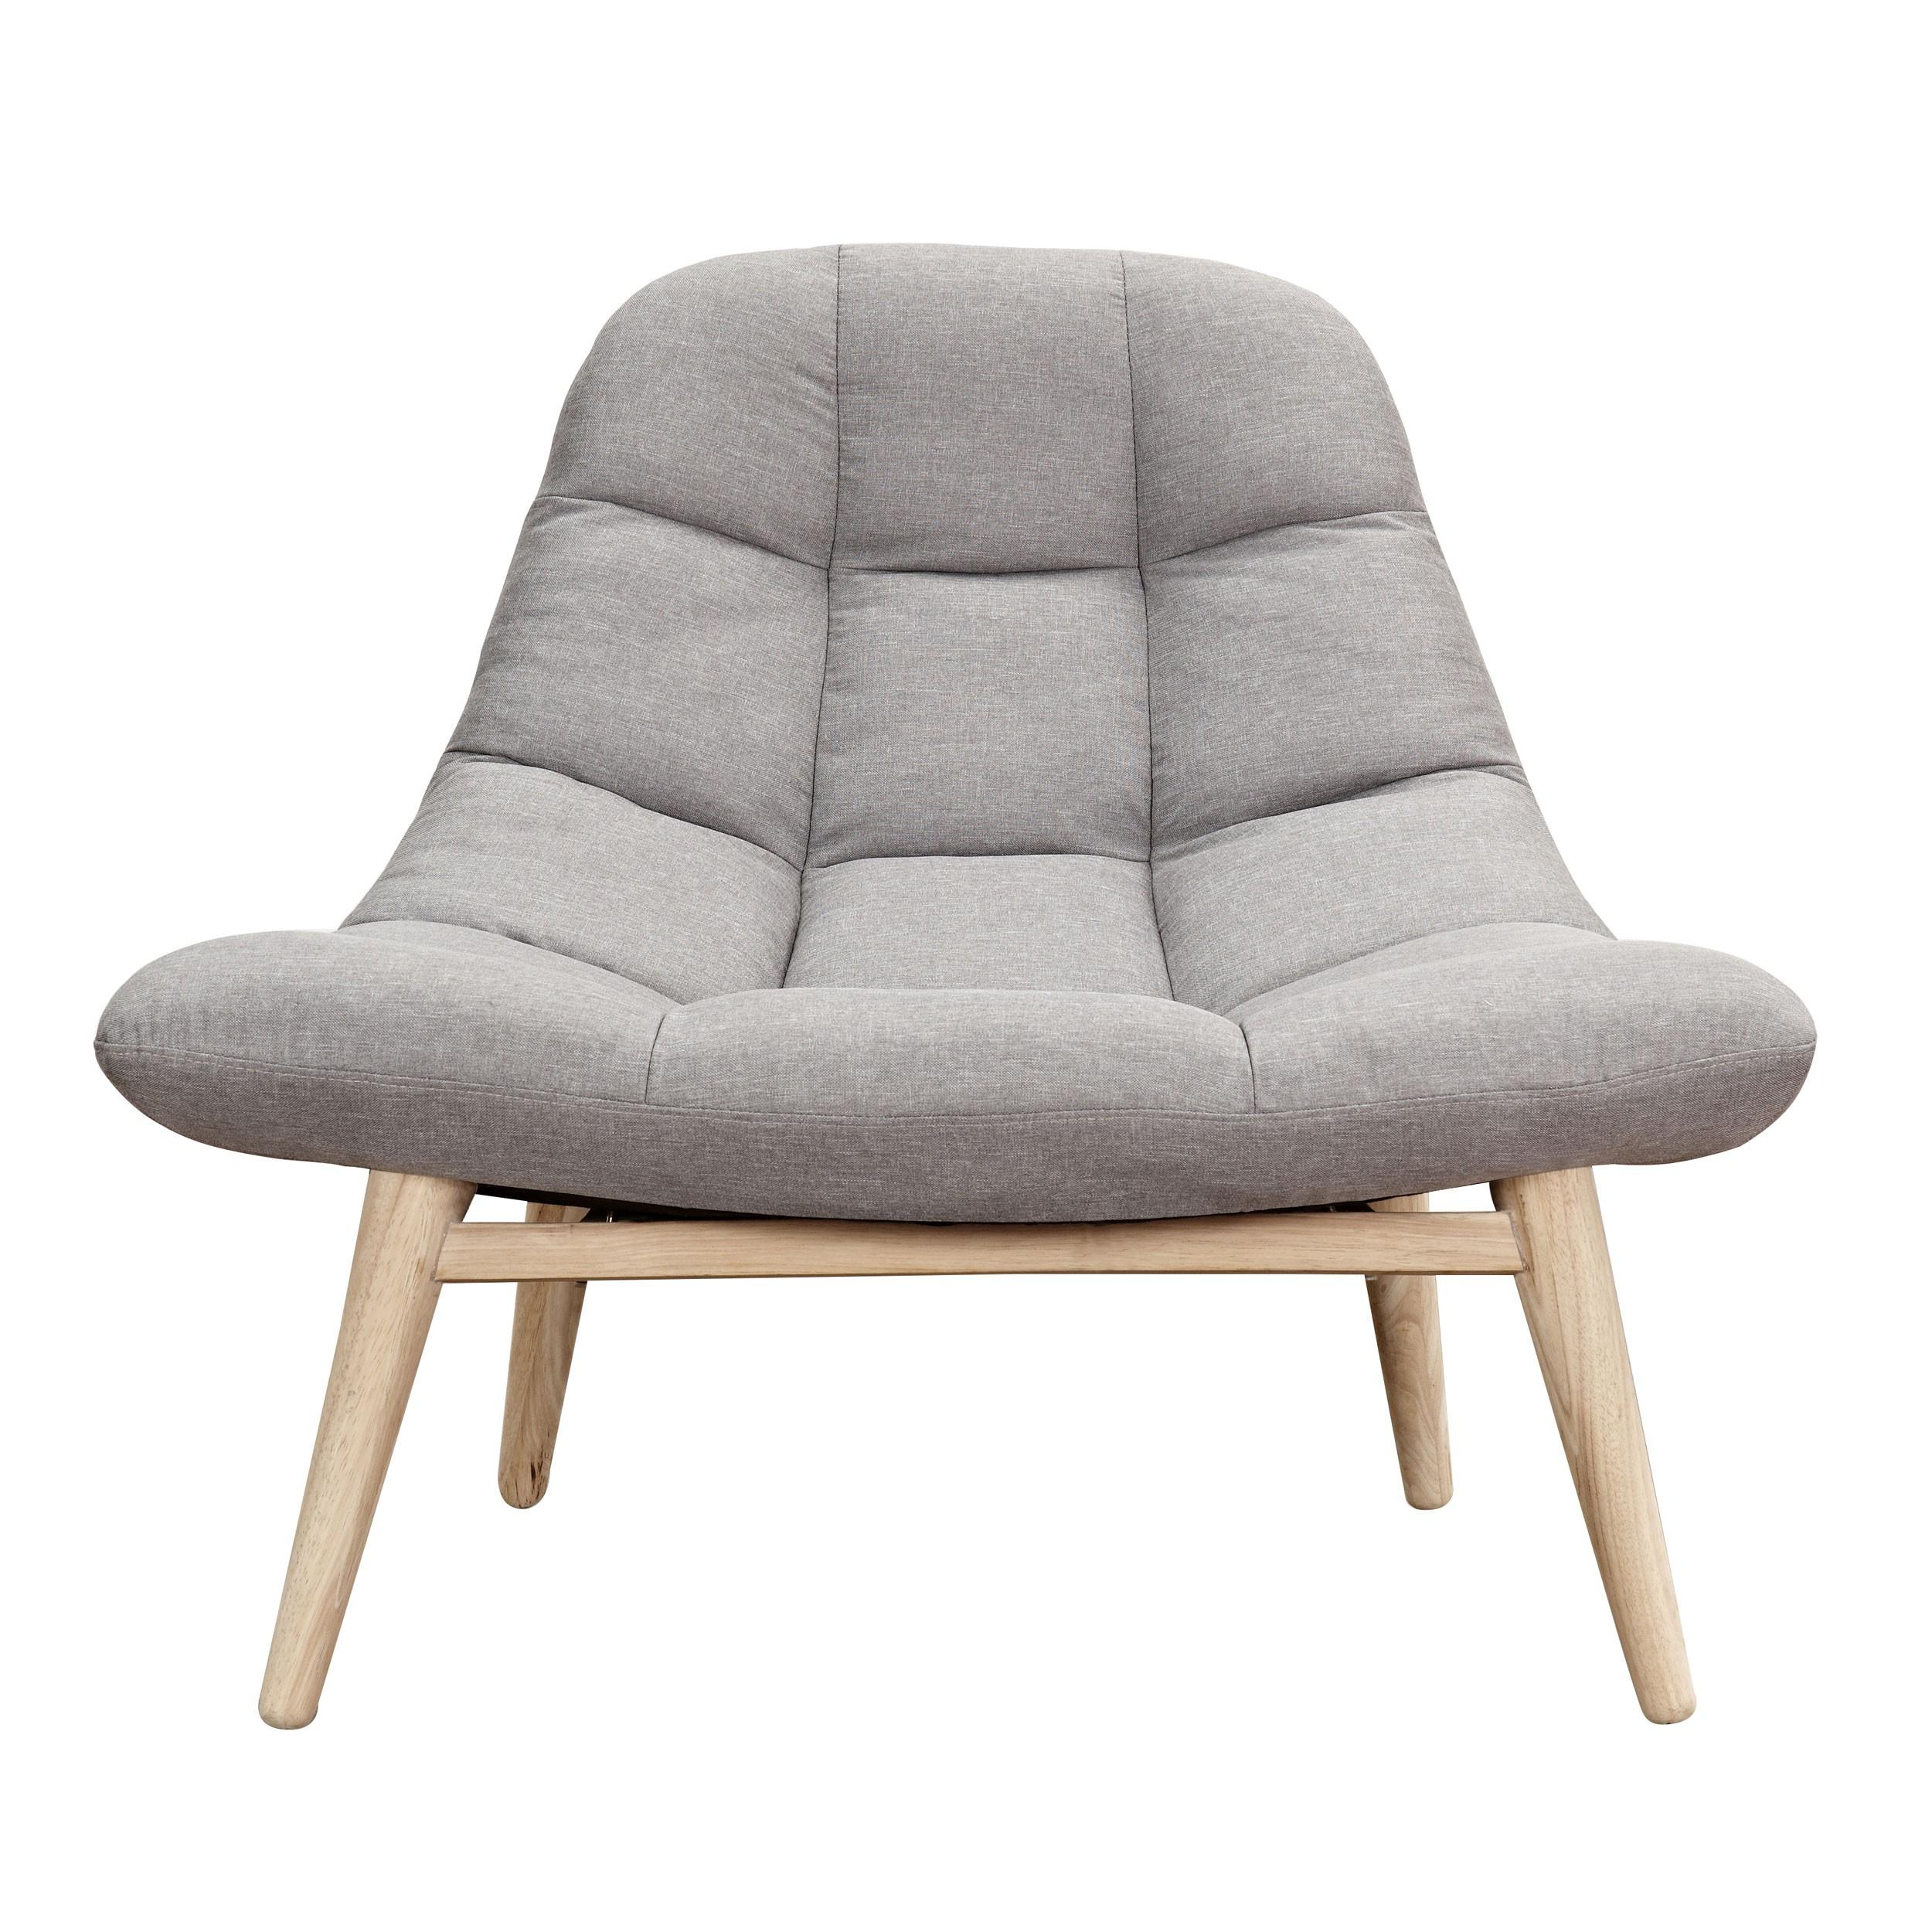 Fauteuil Melby gris perle : adopez nos fauteuils Melby gris perle ...